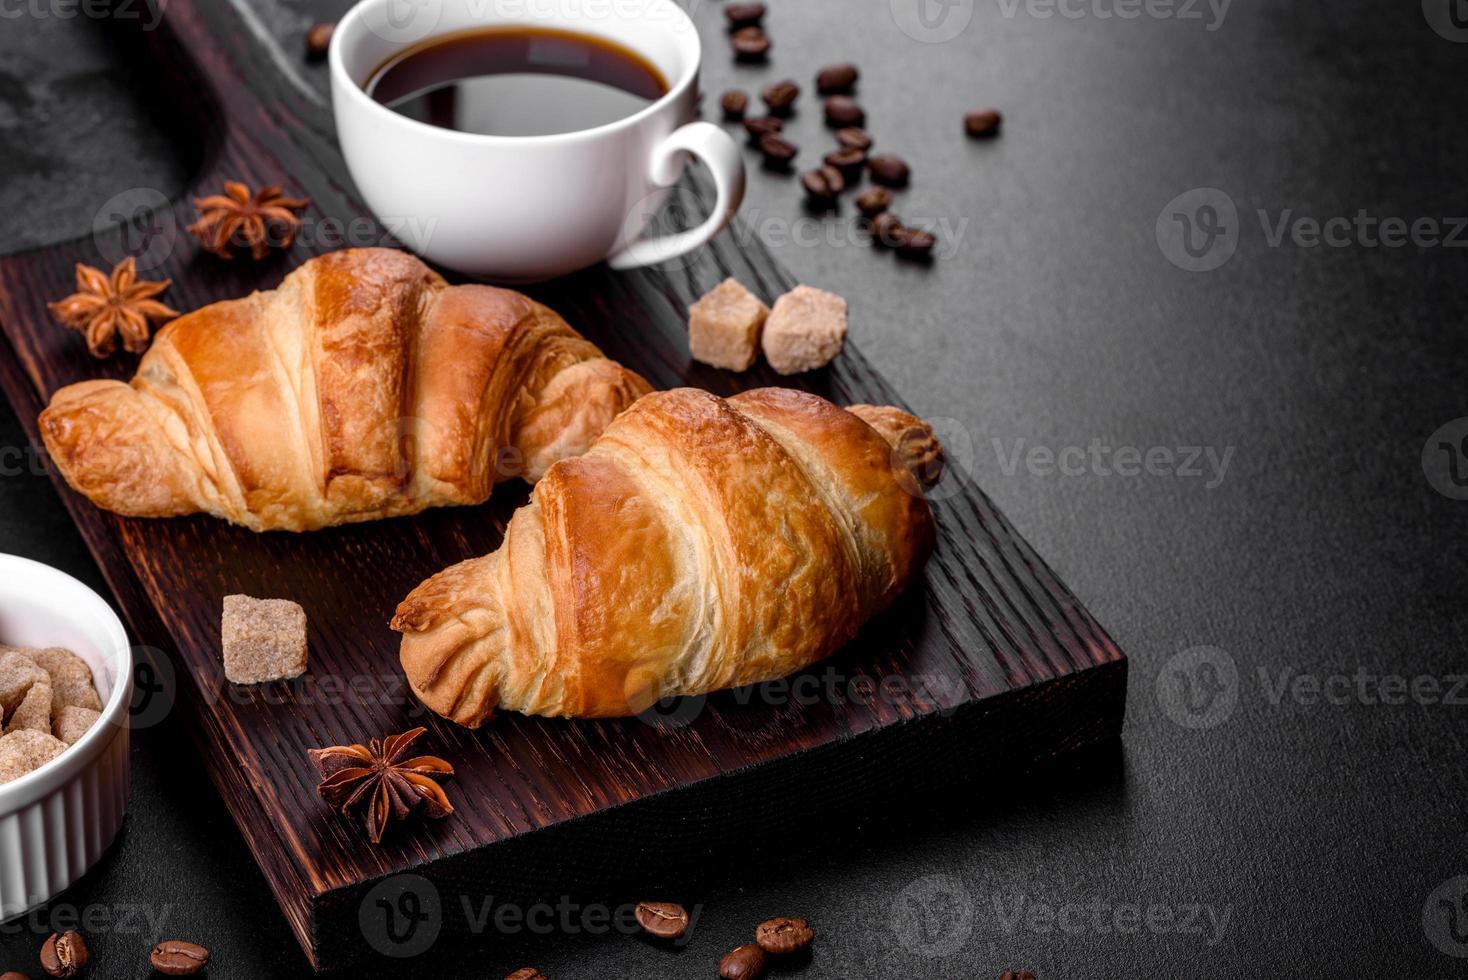 delicioso croissant francés fresco y crujiente con una taza de café aromático foto